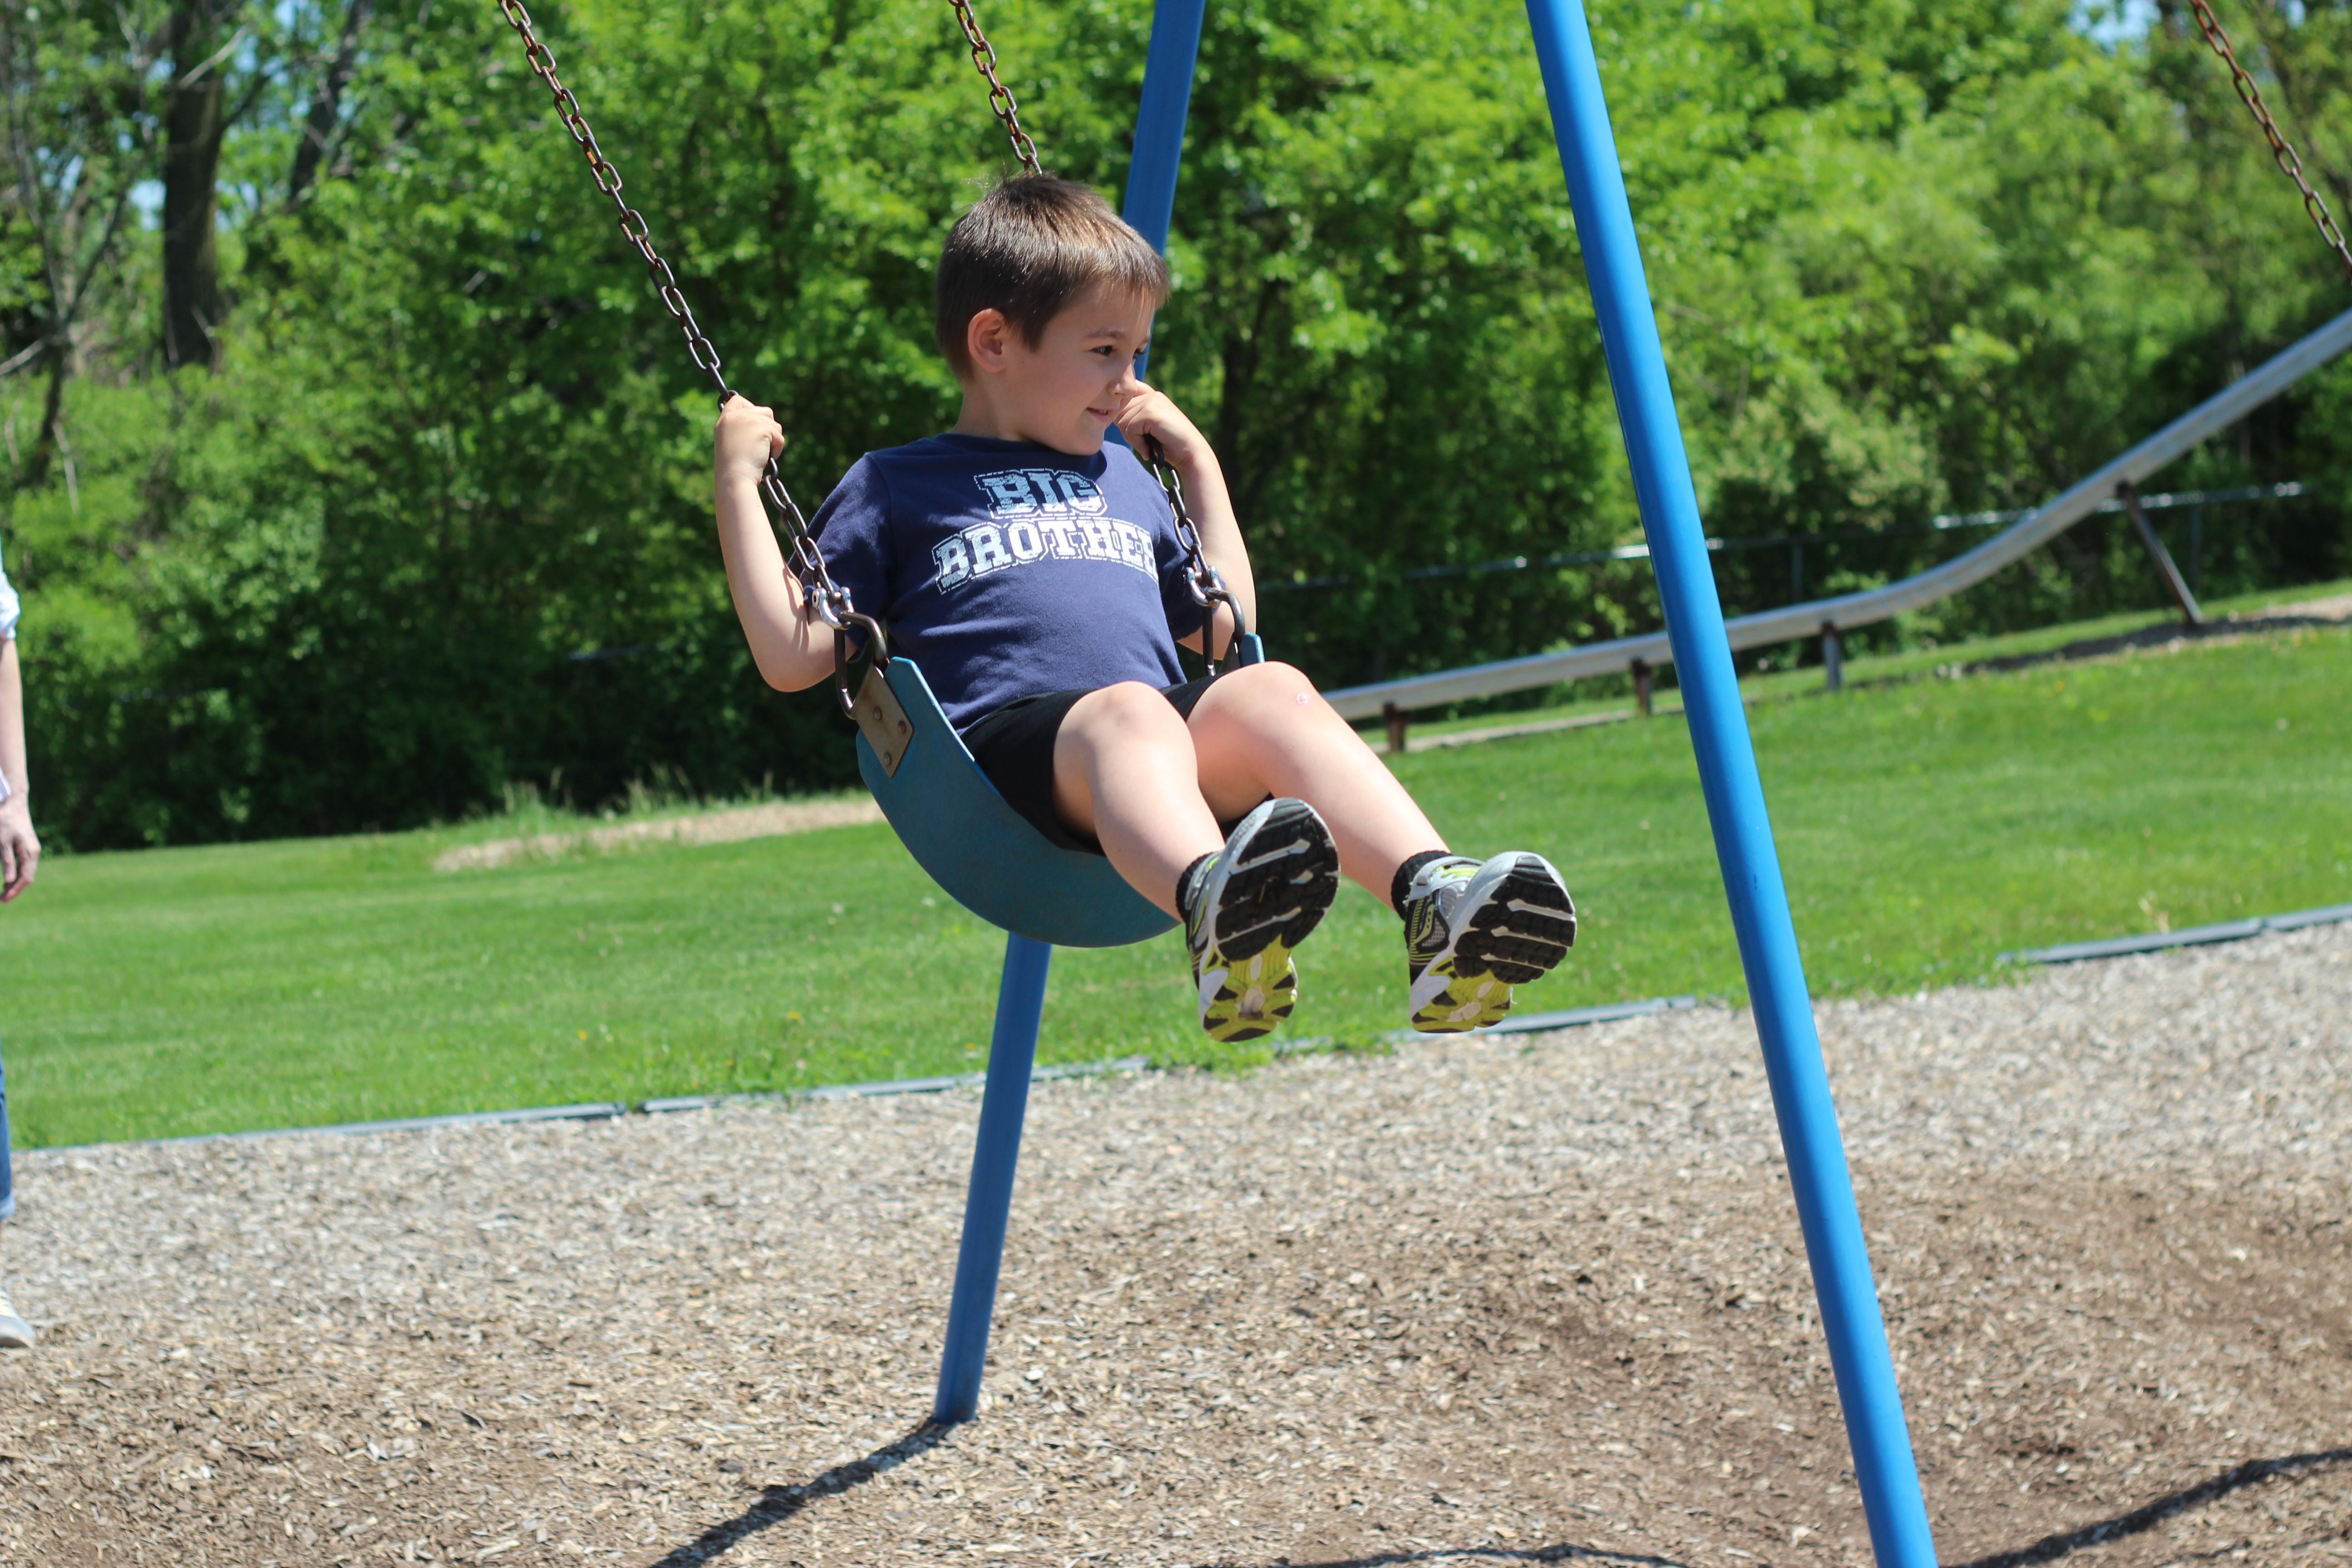 A boy is on the swing